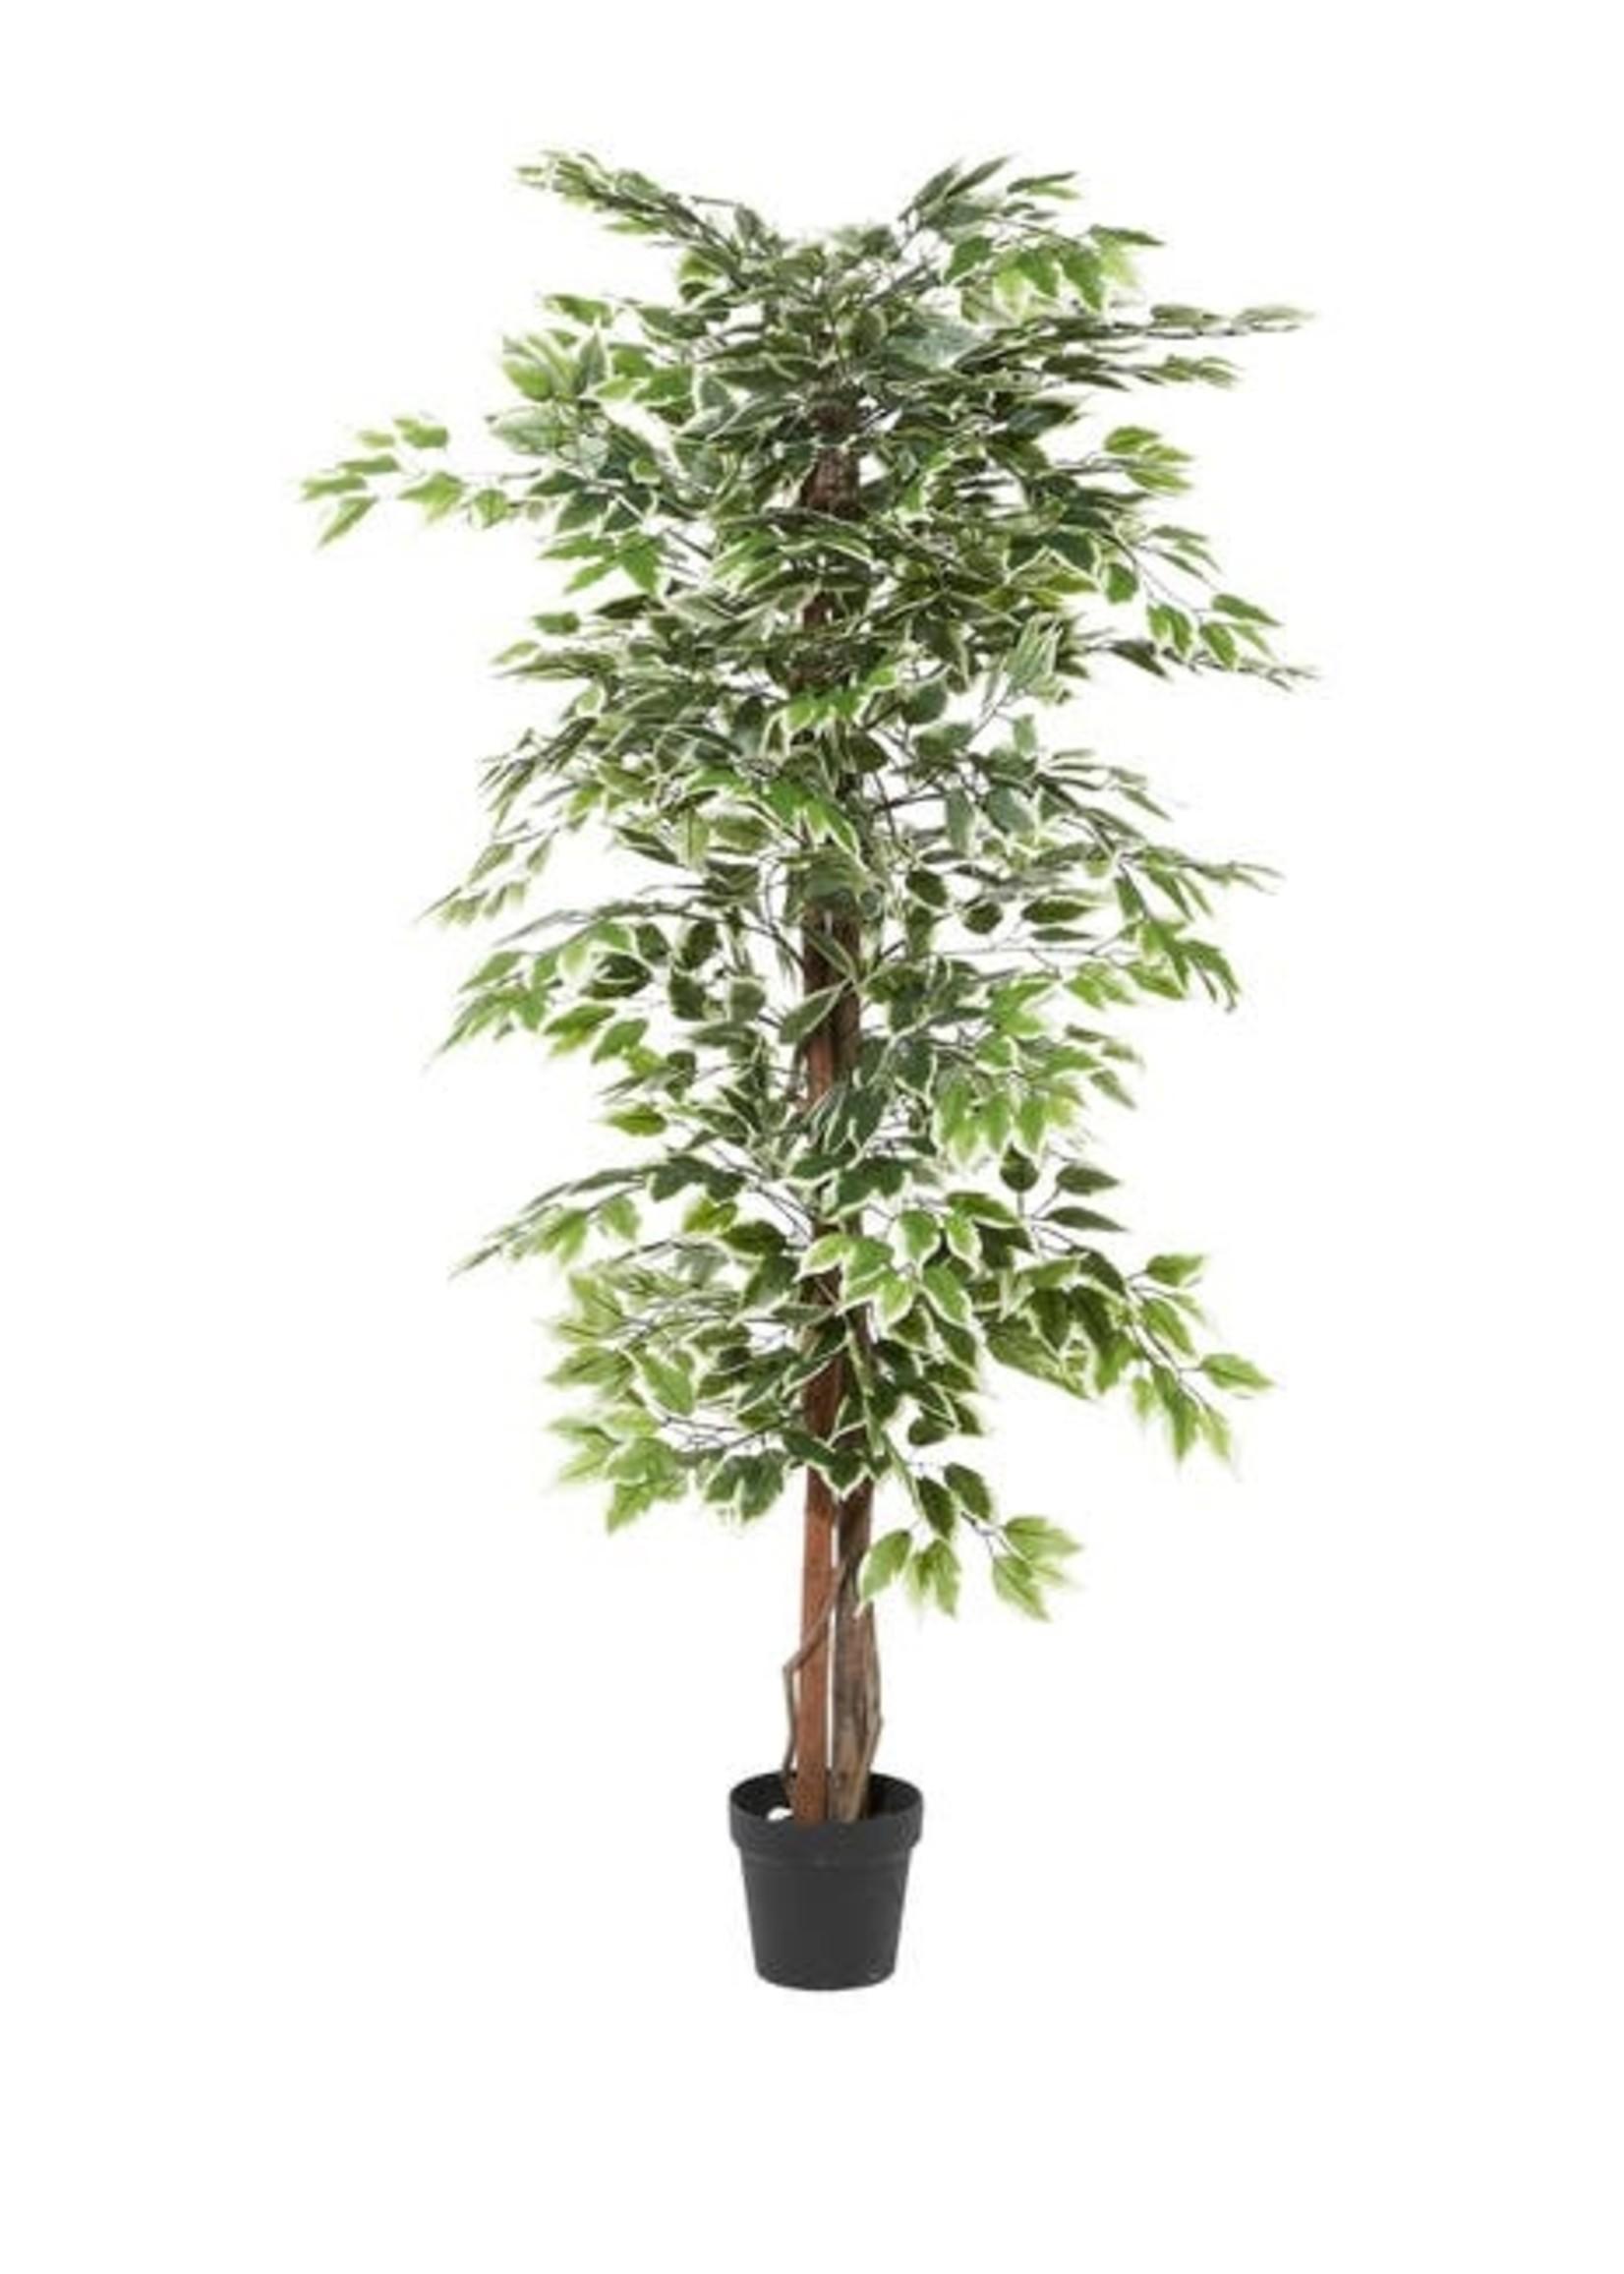 UMA ENT. INC. 88287 ARTIFICIAL FICUS TREE IN POT 73'H